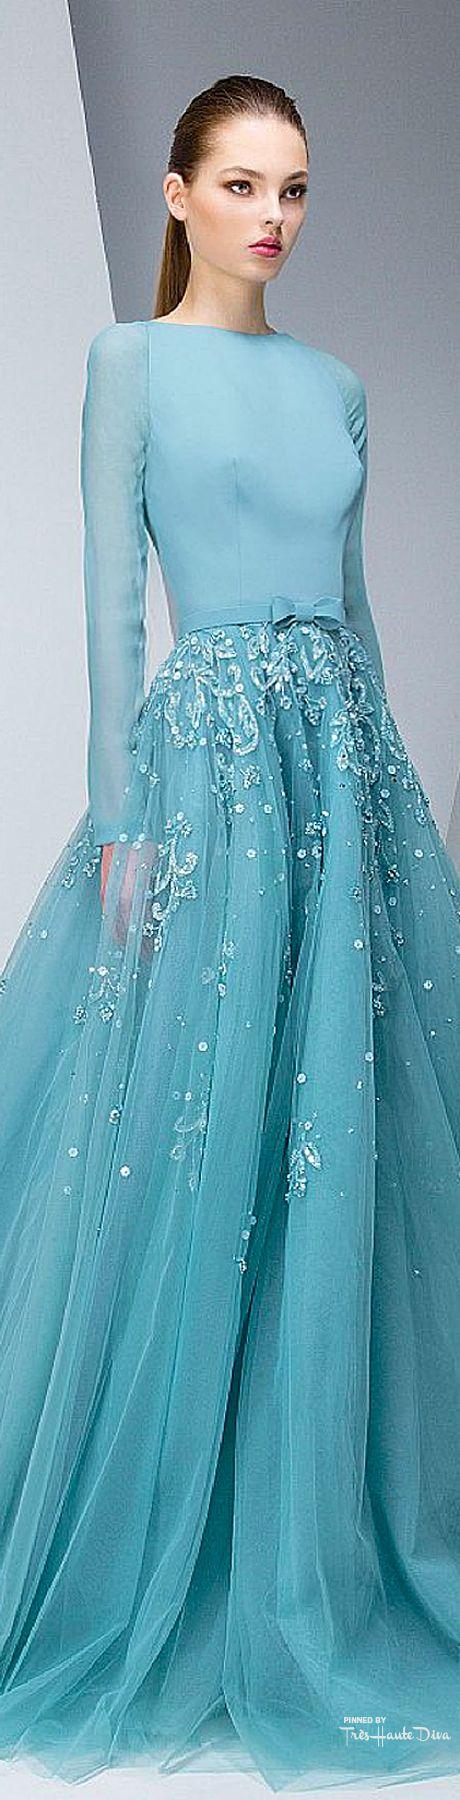 weer een prachtige jurk pas ik niet in geeft niet mooi blijft het wel en mooi om naar te kijken.